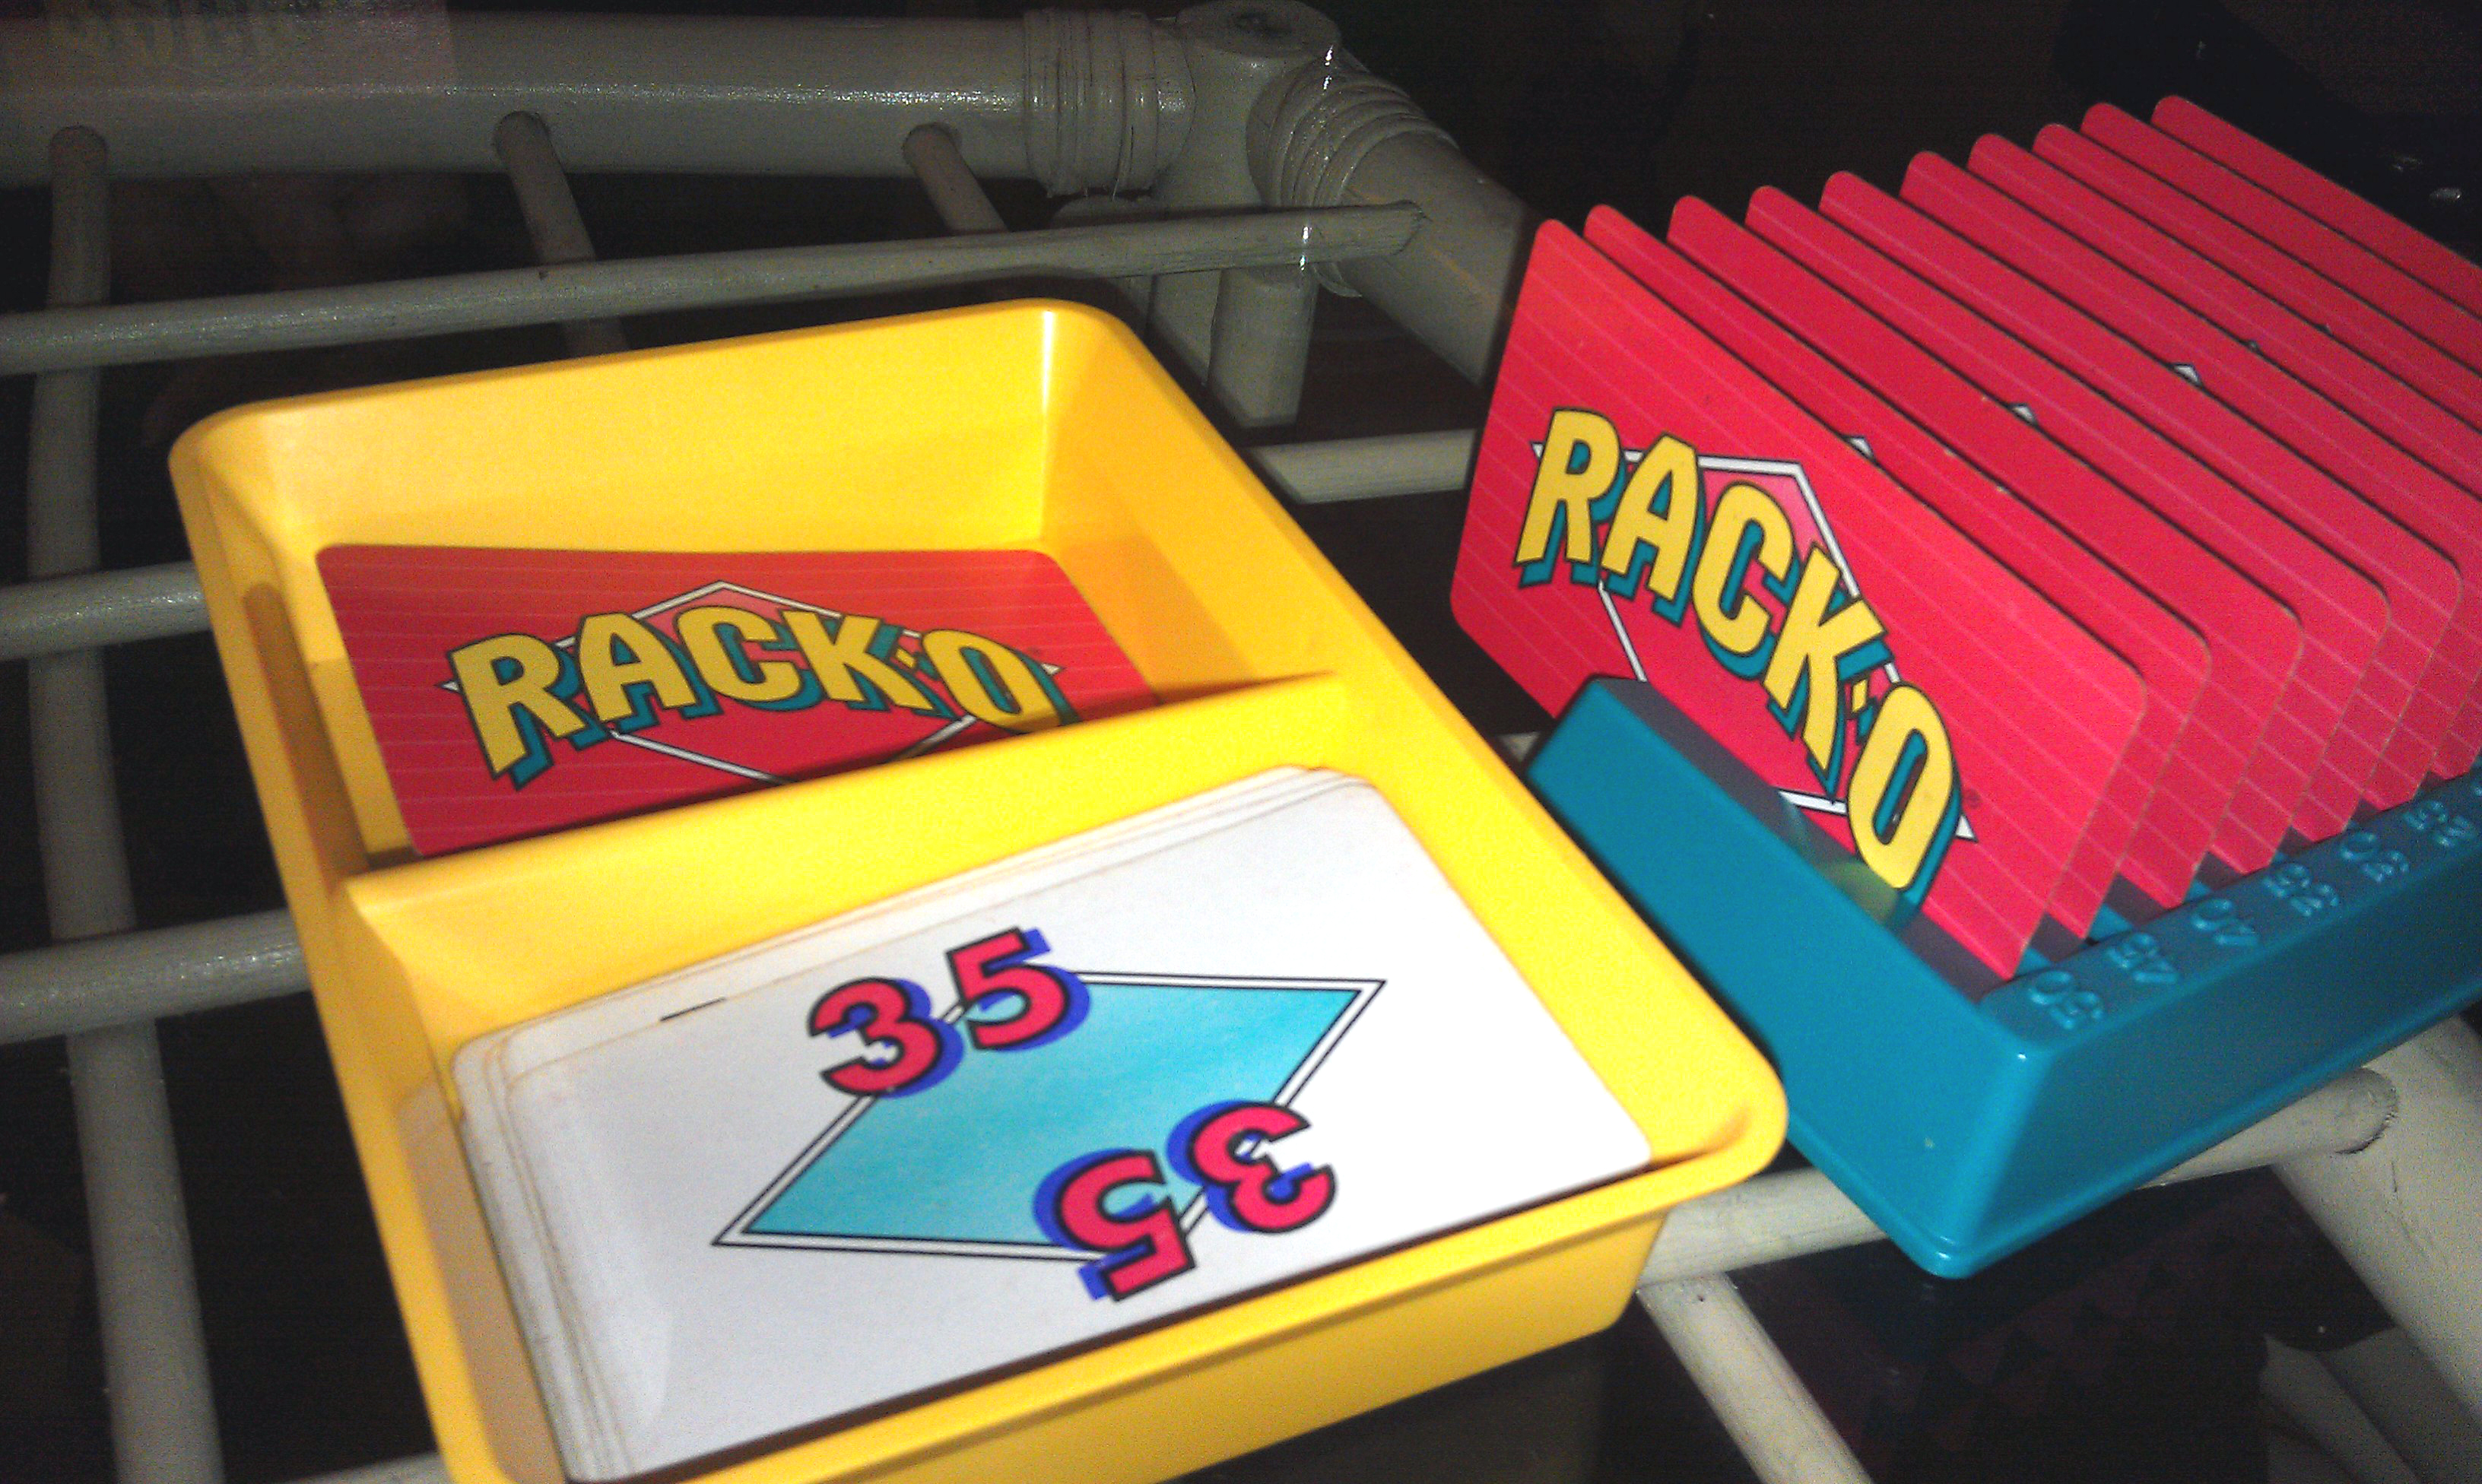 Racko